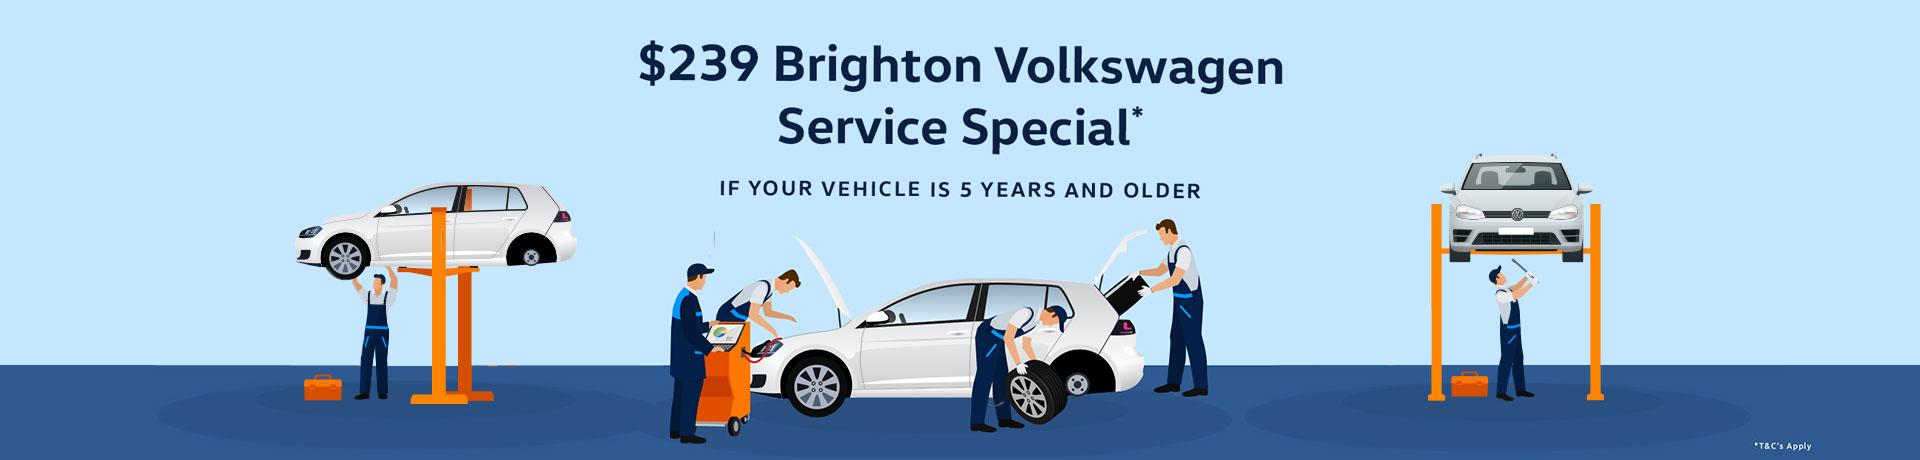 Volkswagen Specials Moorabbin   Brighton Volkswagen